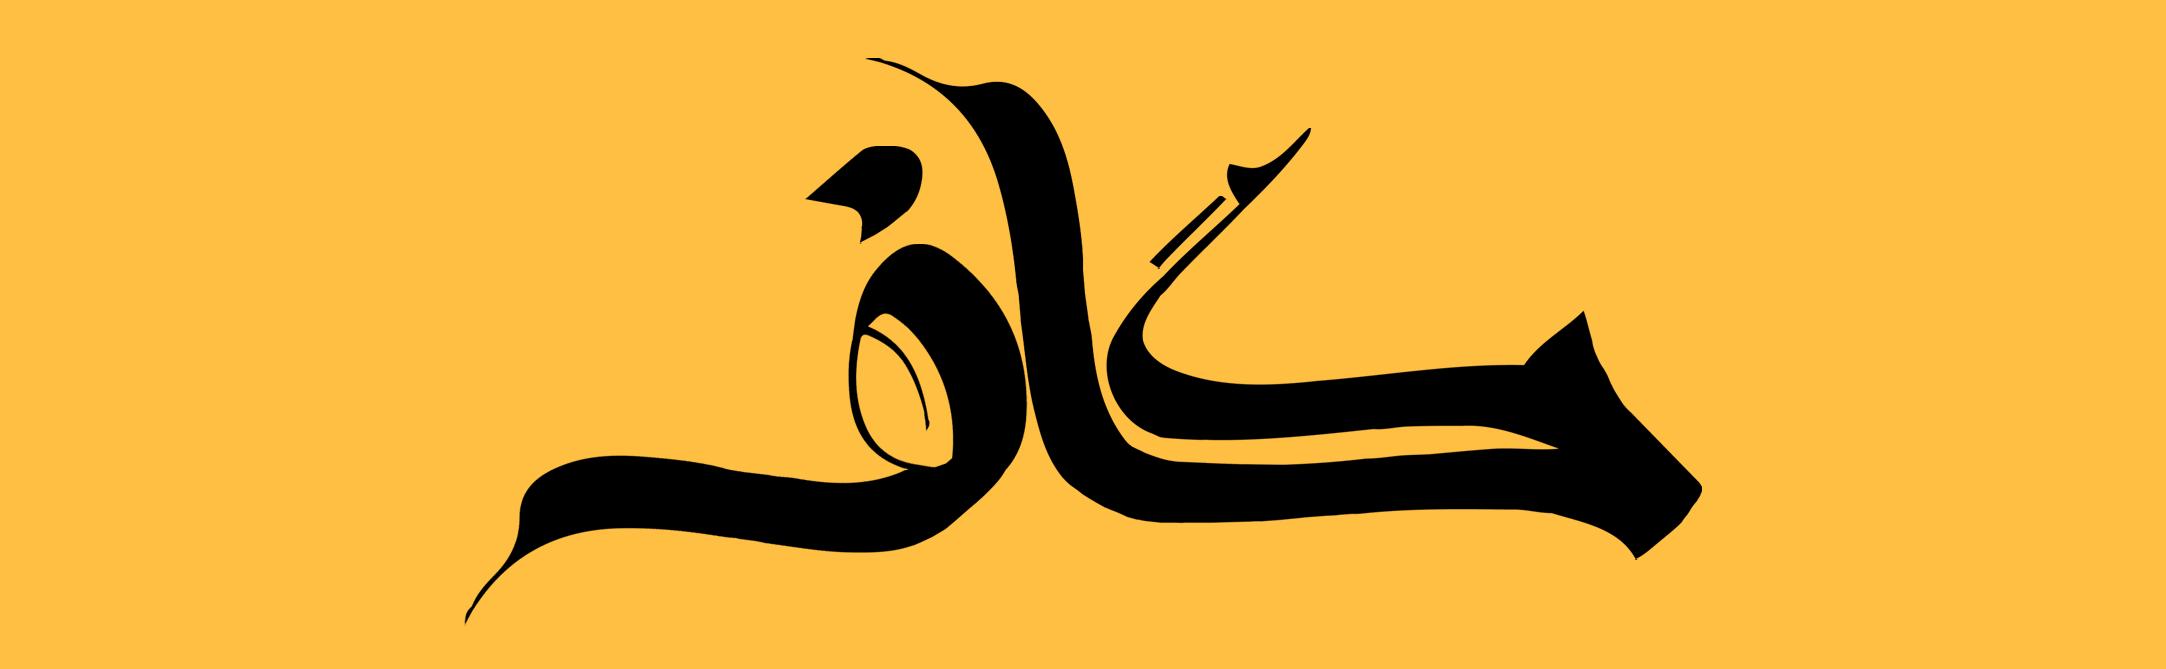 دانلود فونت تایپوگرافی مهران